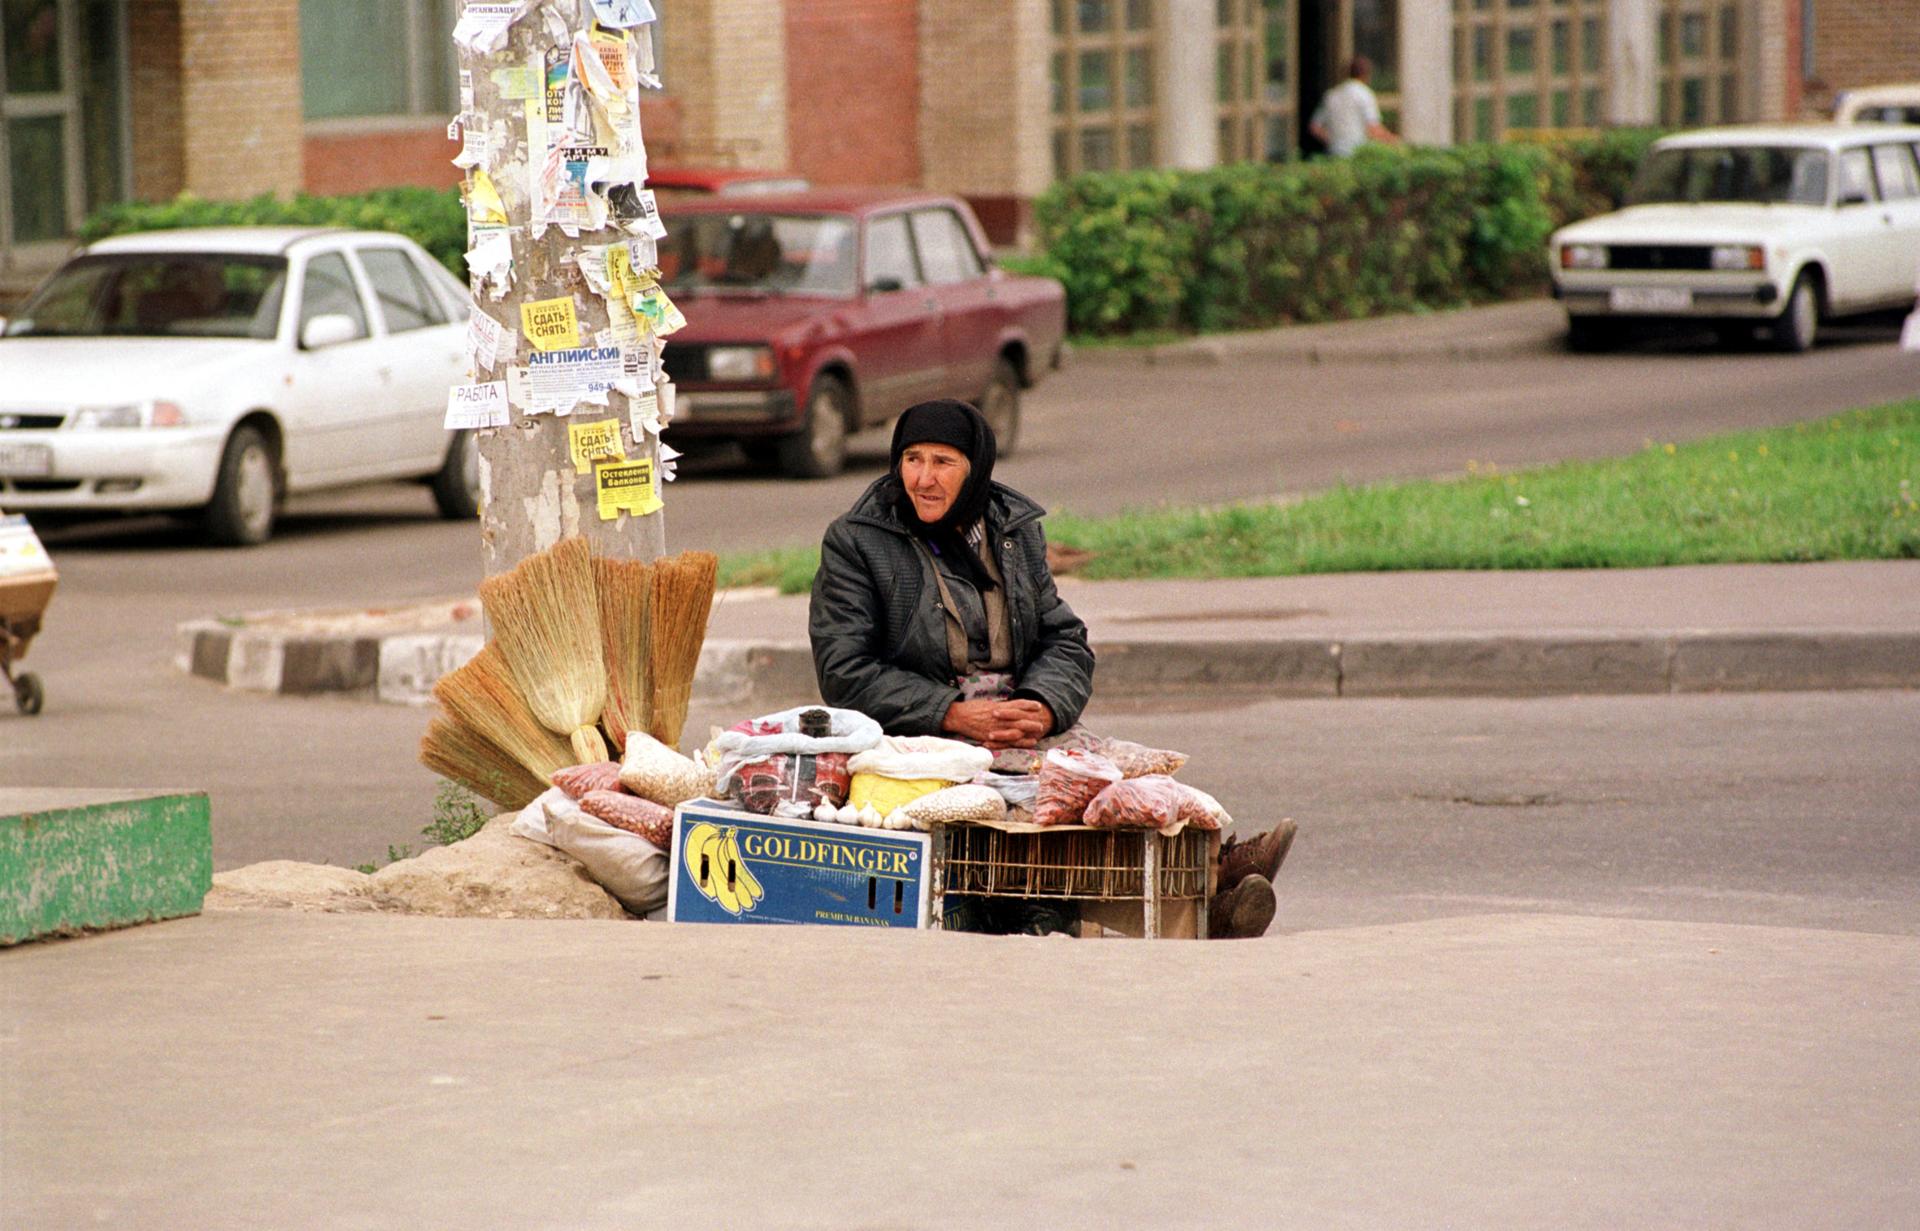 Nekateri upokojenci so prisiljeni iskati dodaten zaslužek s prodajo na ulici.